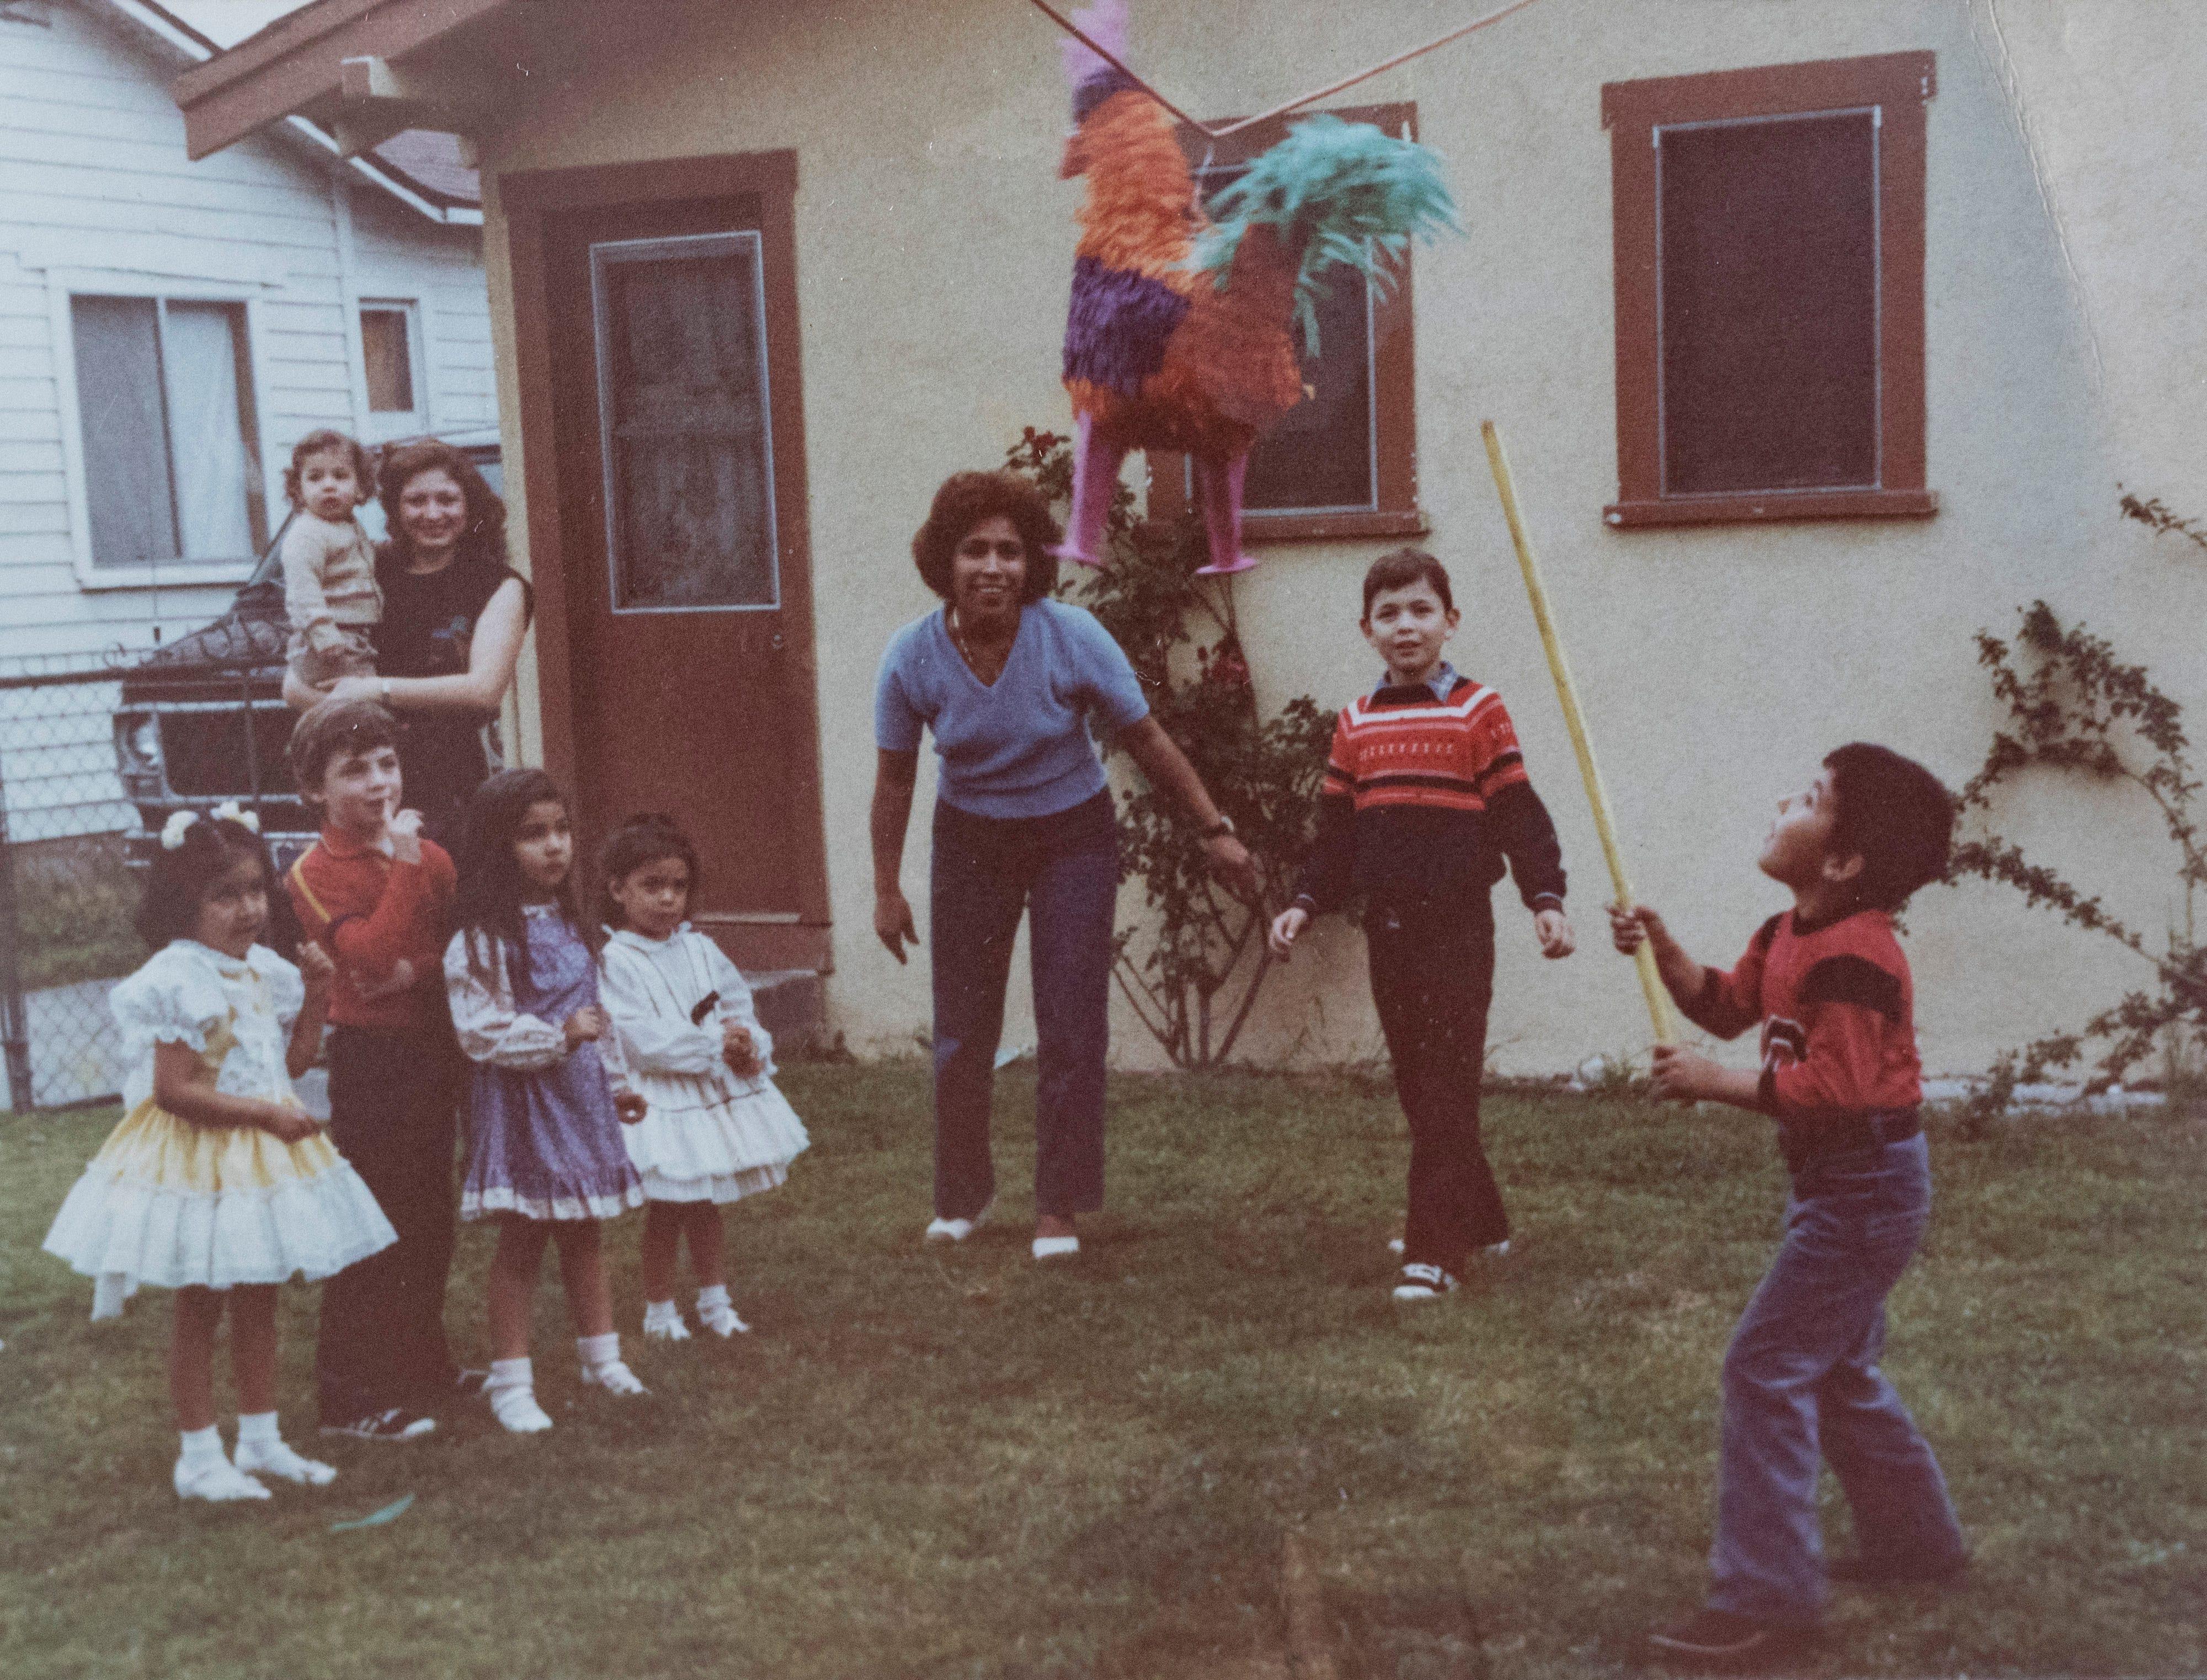 Oscar Macias attempts to bust a piñata in a family photograph.